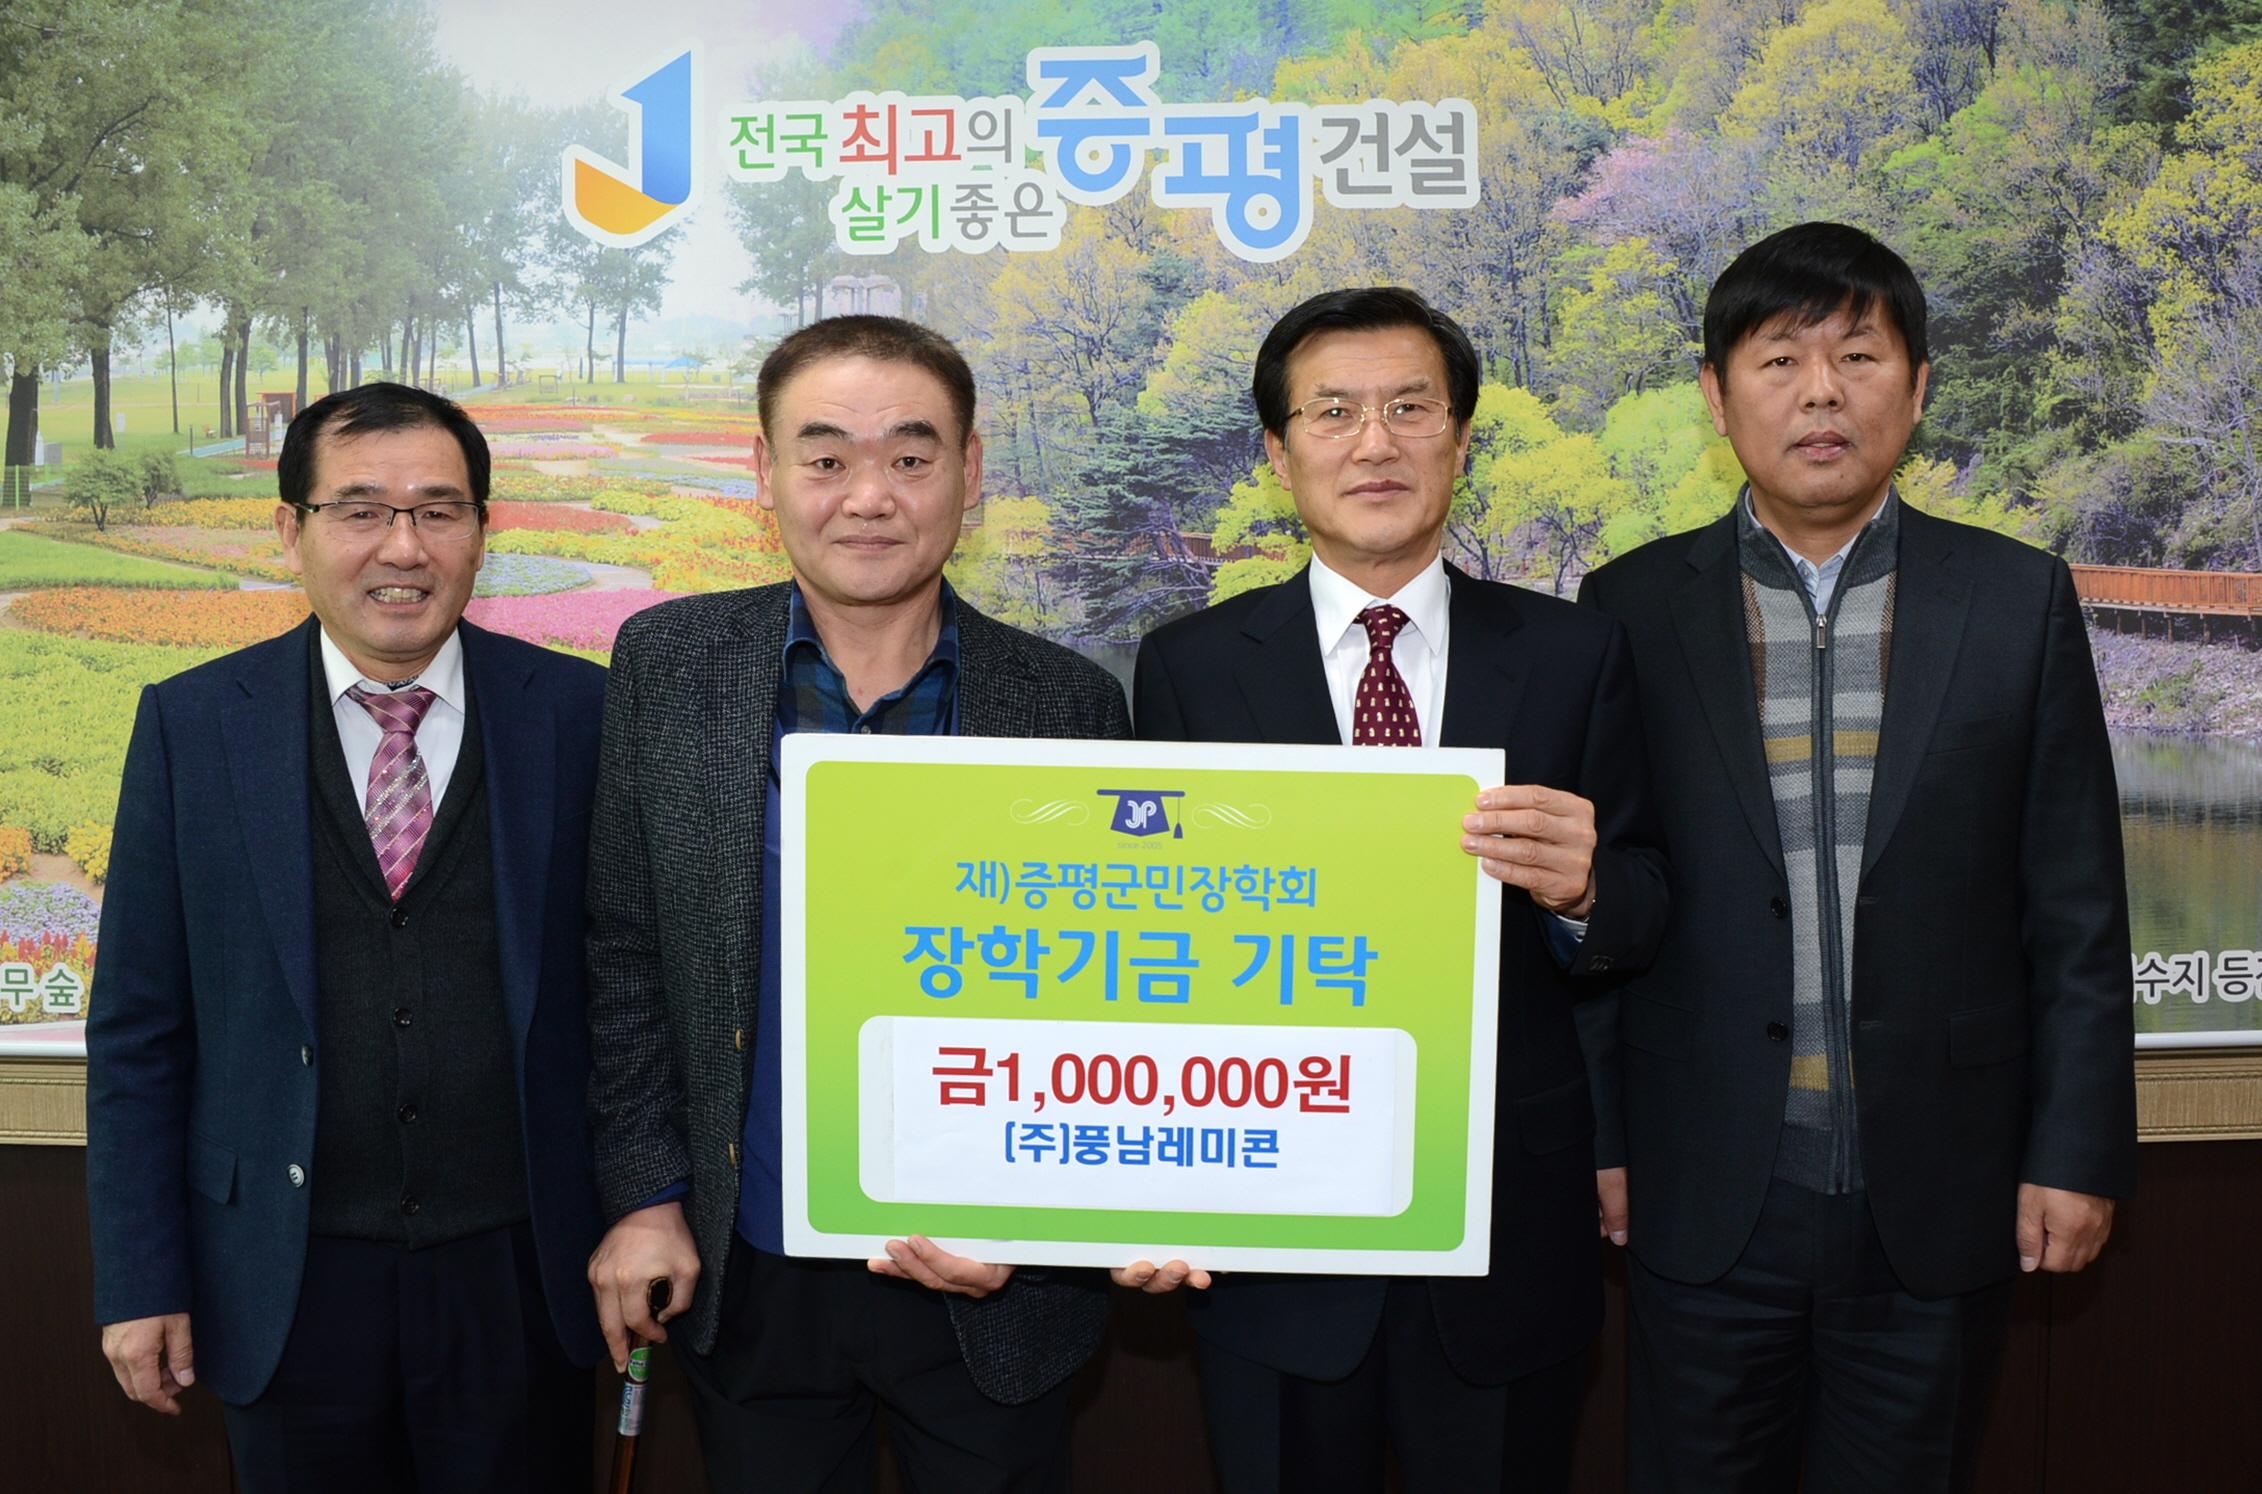 (주)풍남레미콘, 증평군민장학기금 100만원 기탁 [이미지]